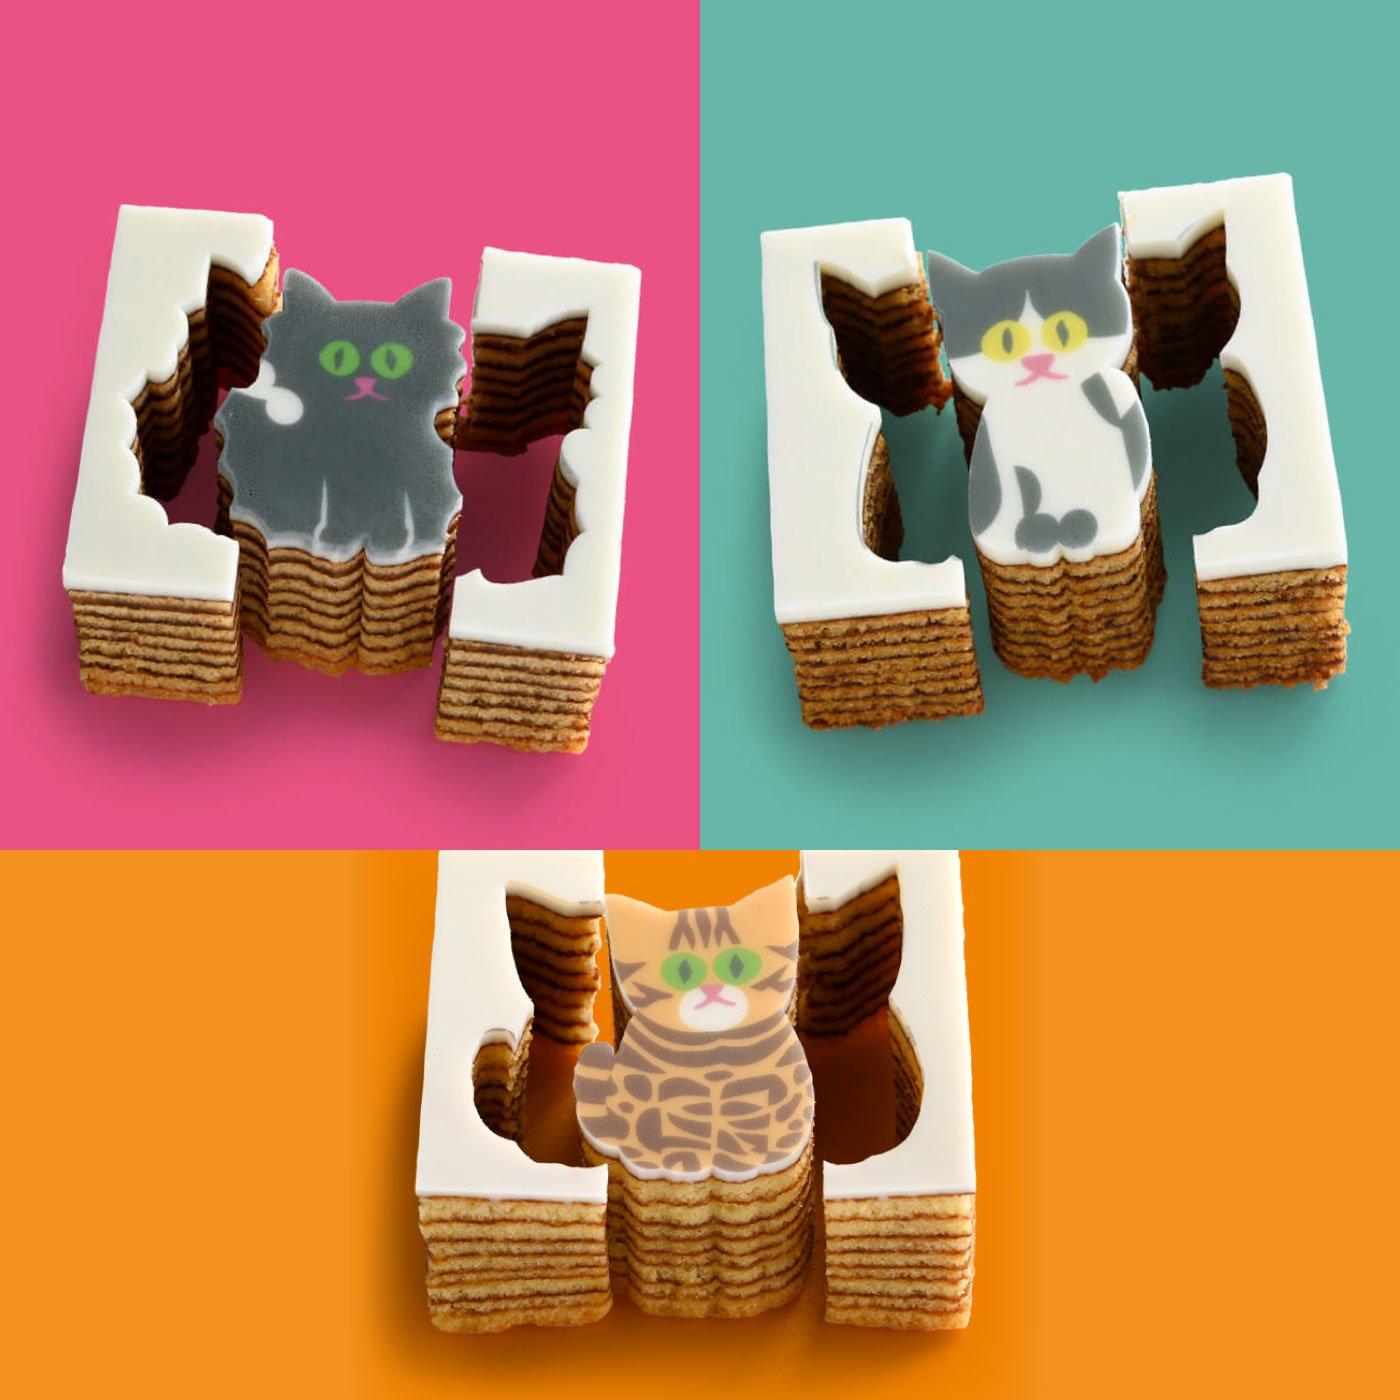 型ぬきバウム Cat Out! confectionery (3個入り)